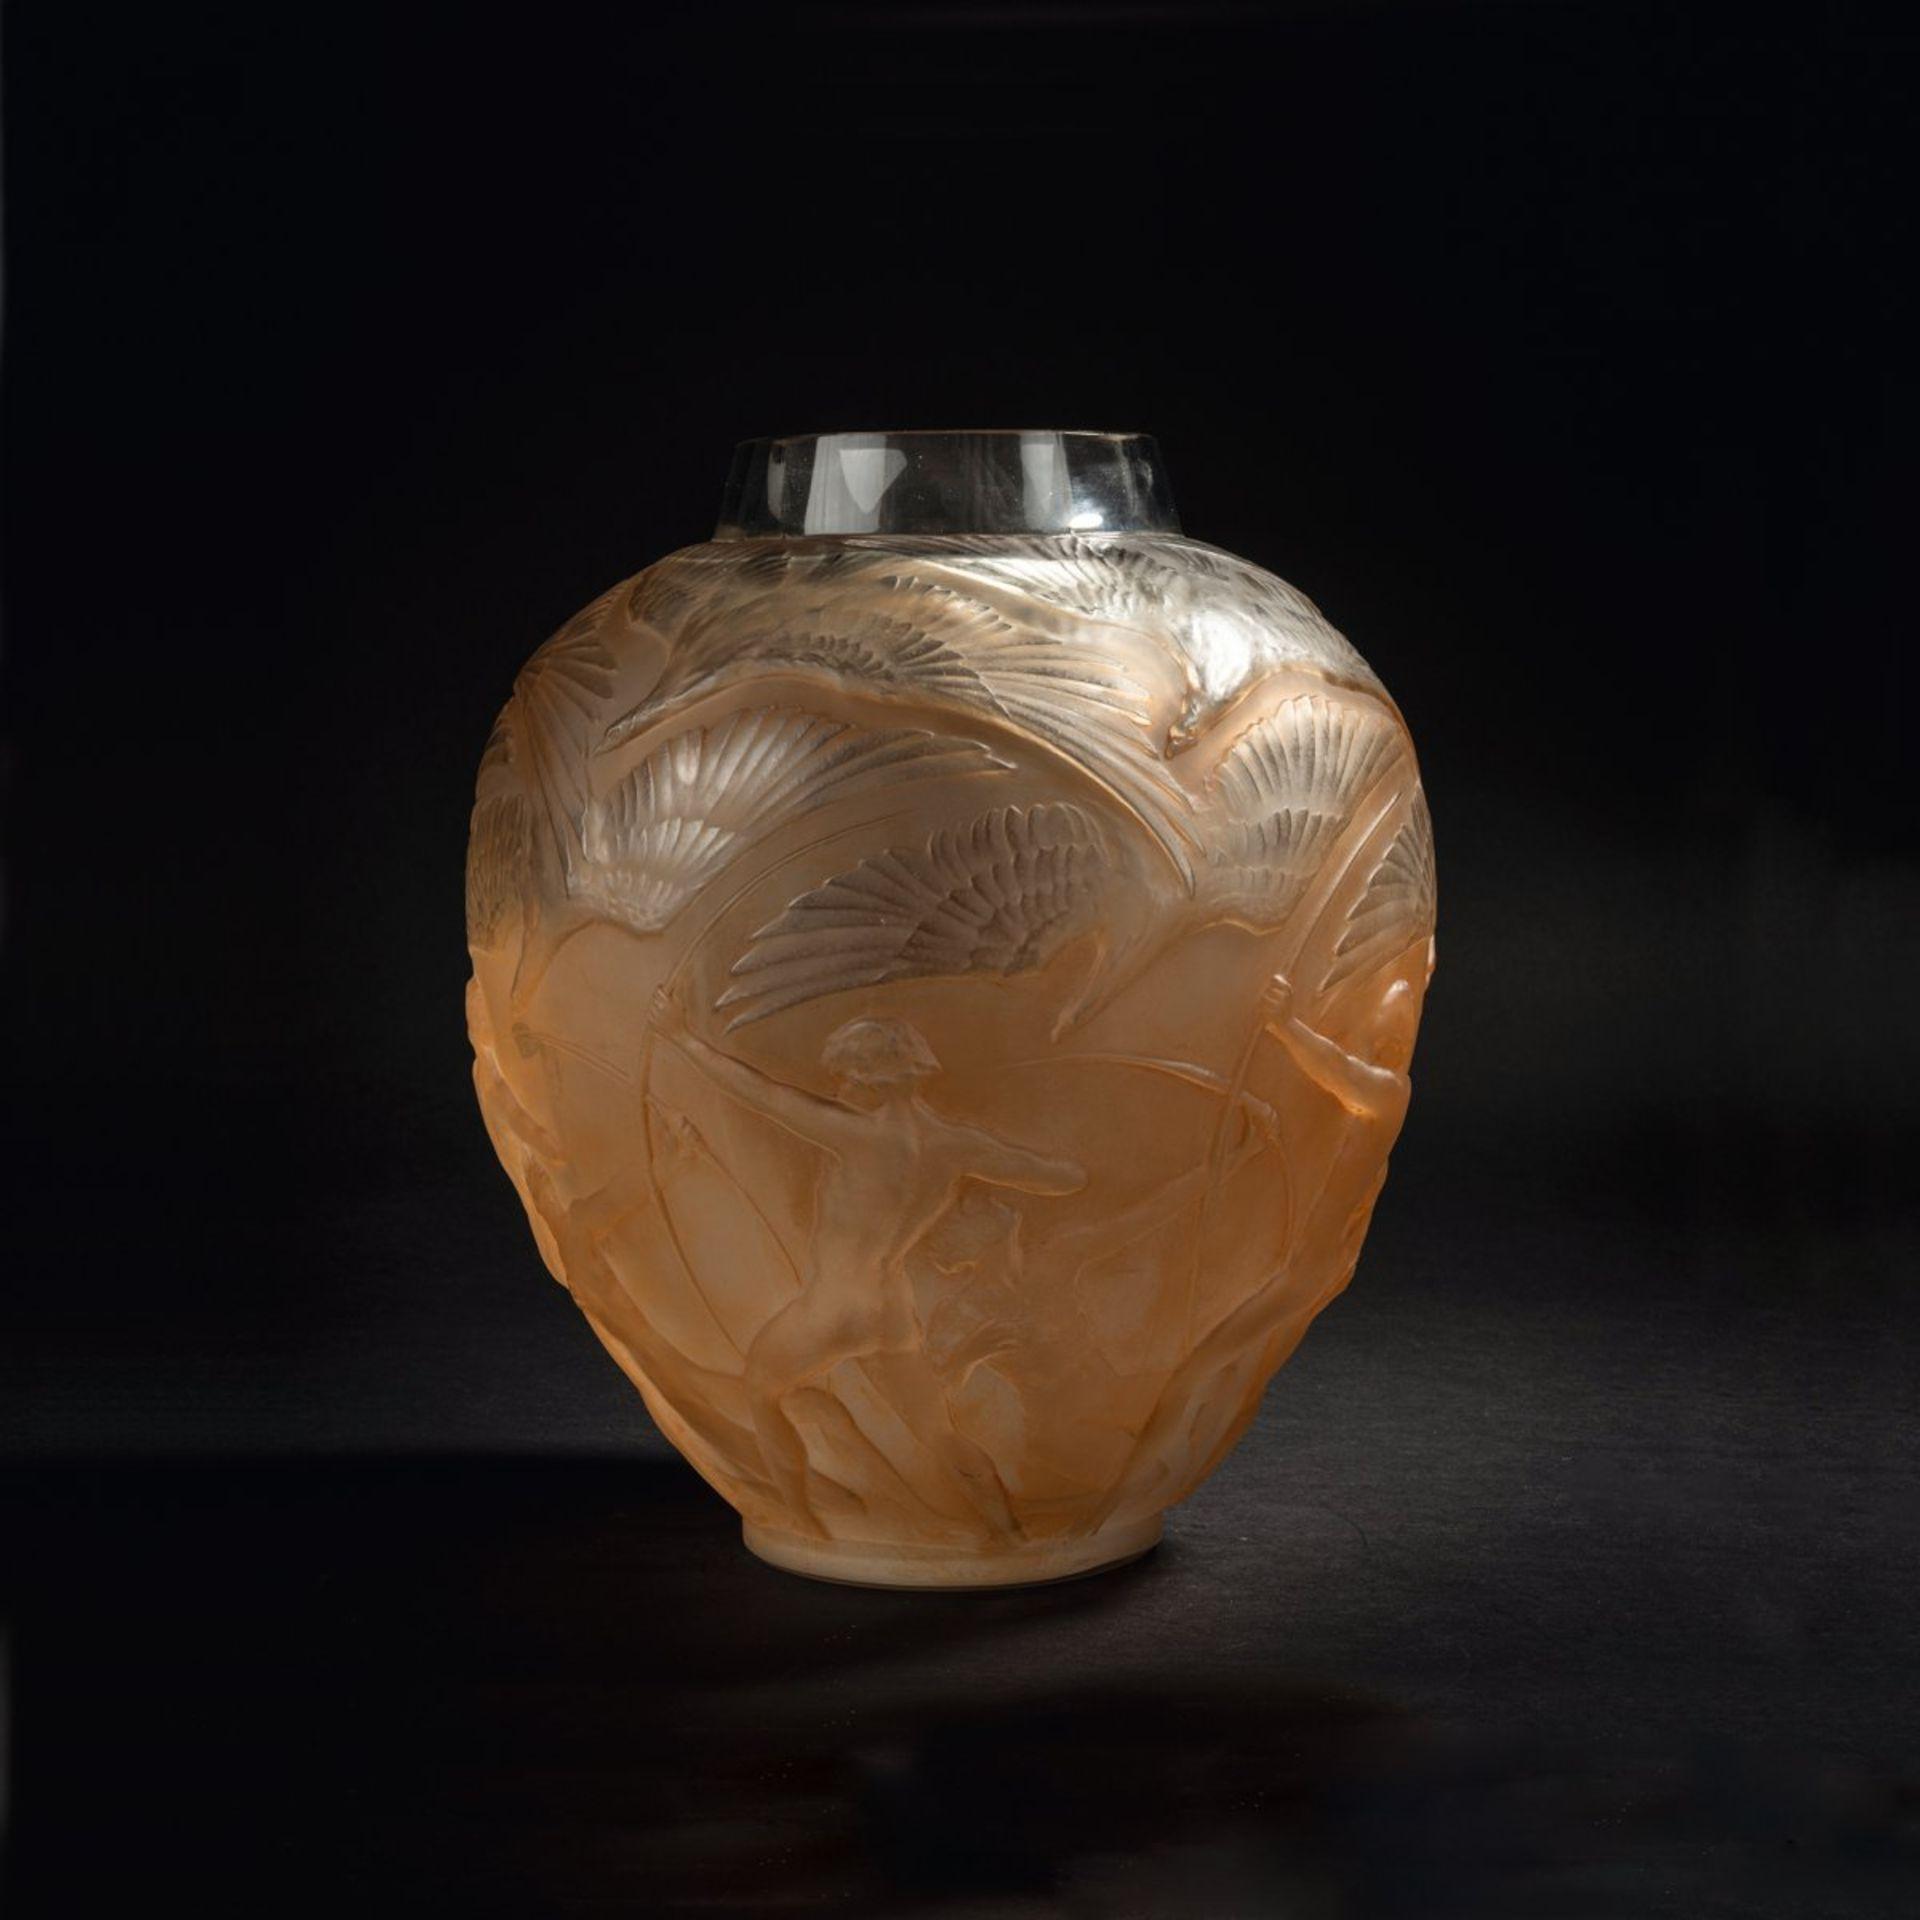 René Lalique, Vase 'Archers', 1921